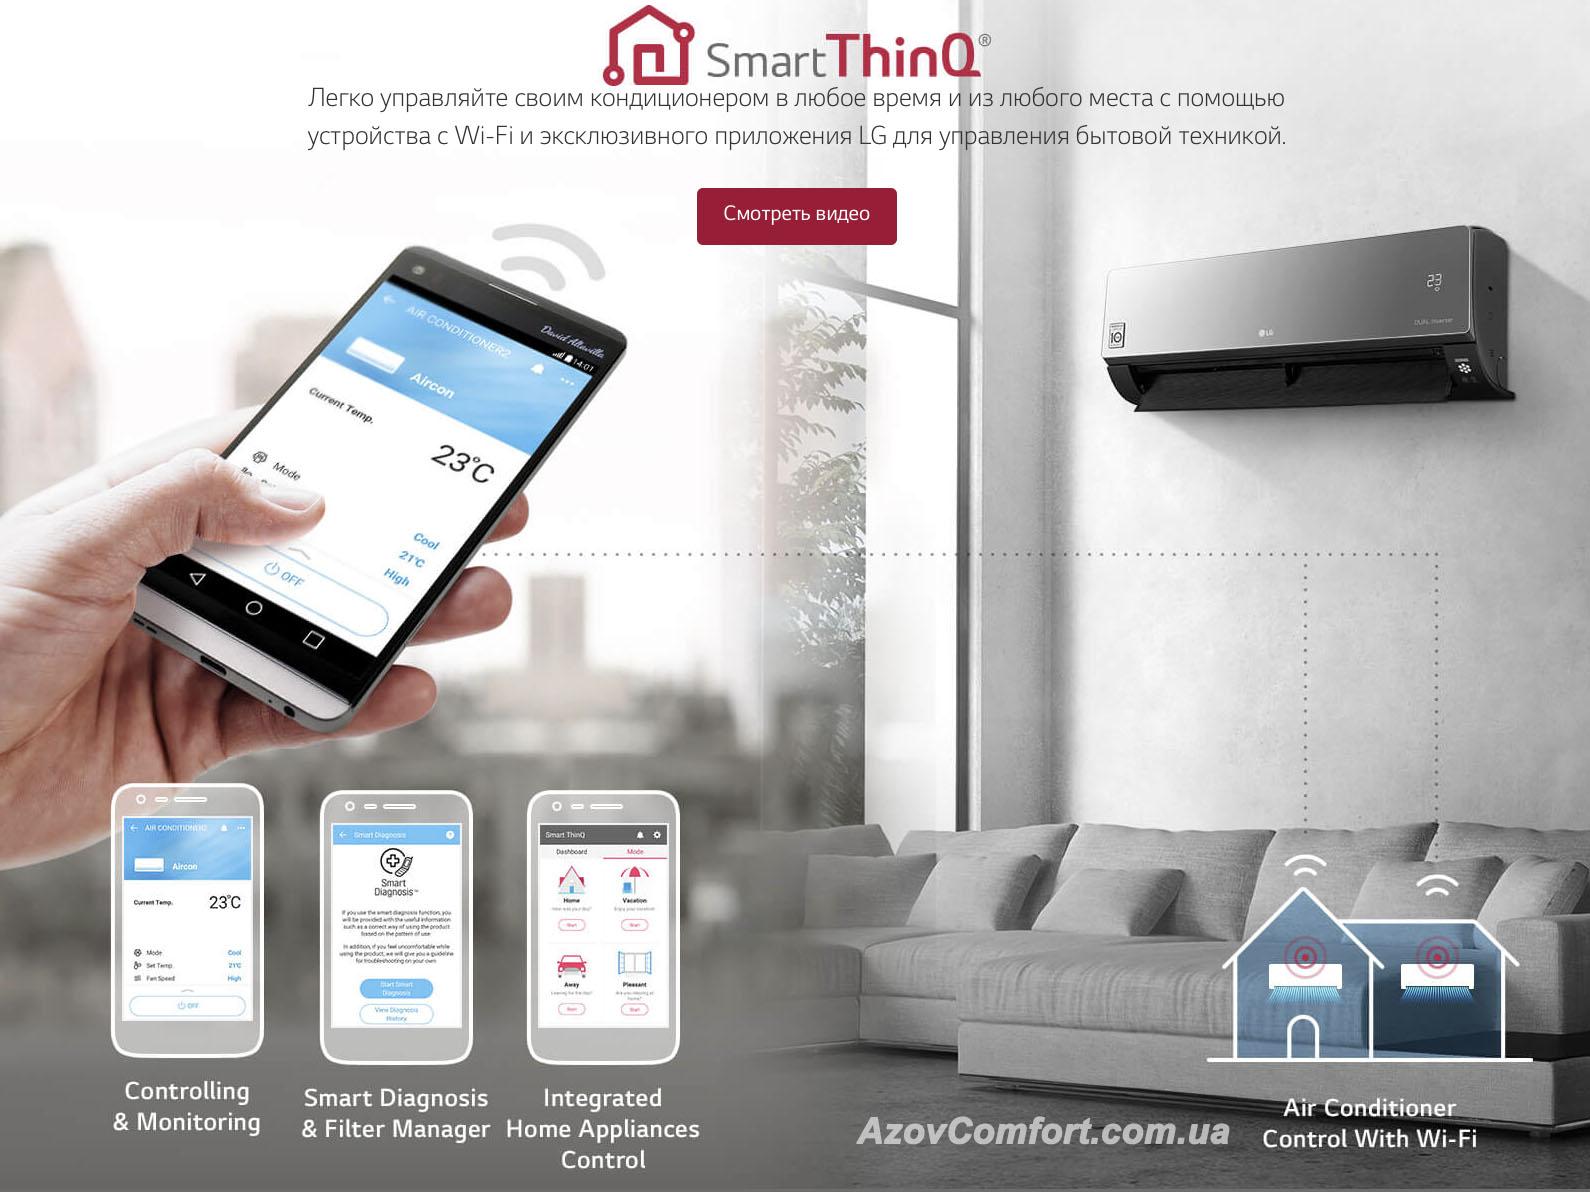 ВстроенныйWi-Fiмодульи эксклюзивное приложениеLG SmartThinQпозволяет управлять вашим кондиционером с любой точки мира, используя смартфон на базе платформAndroidилиiOS.